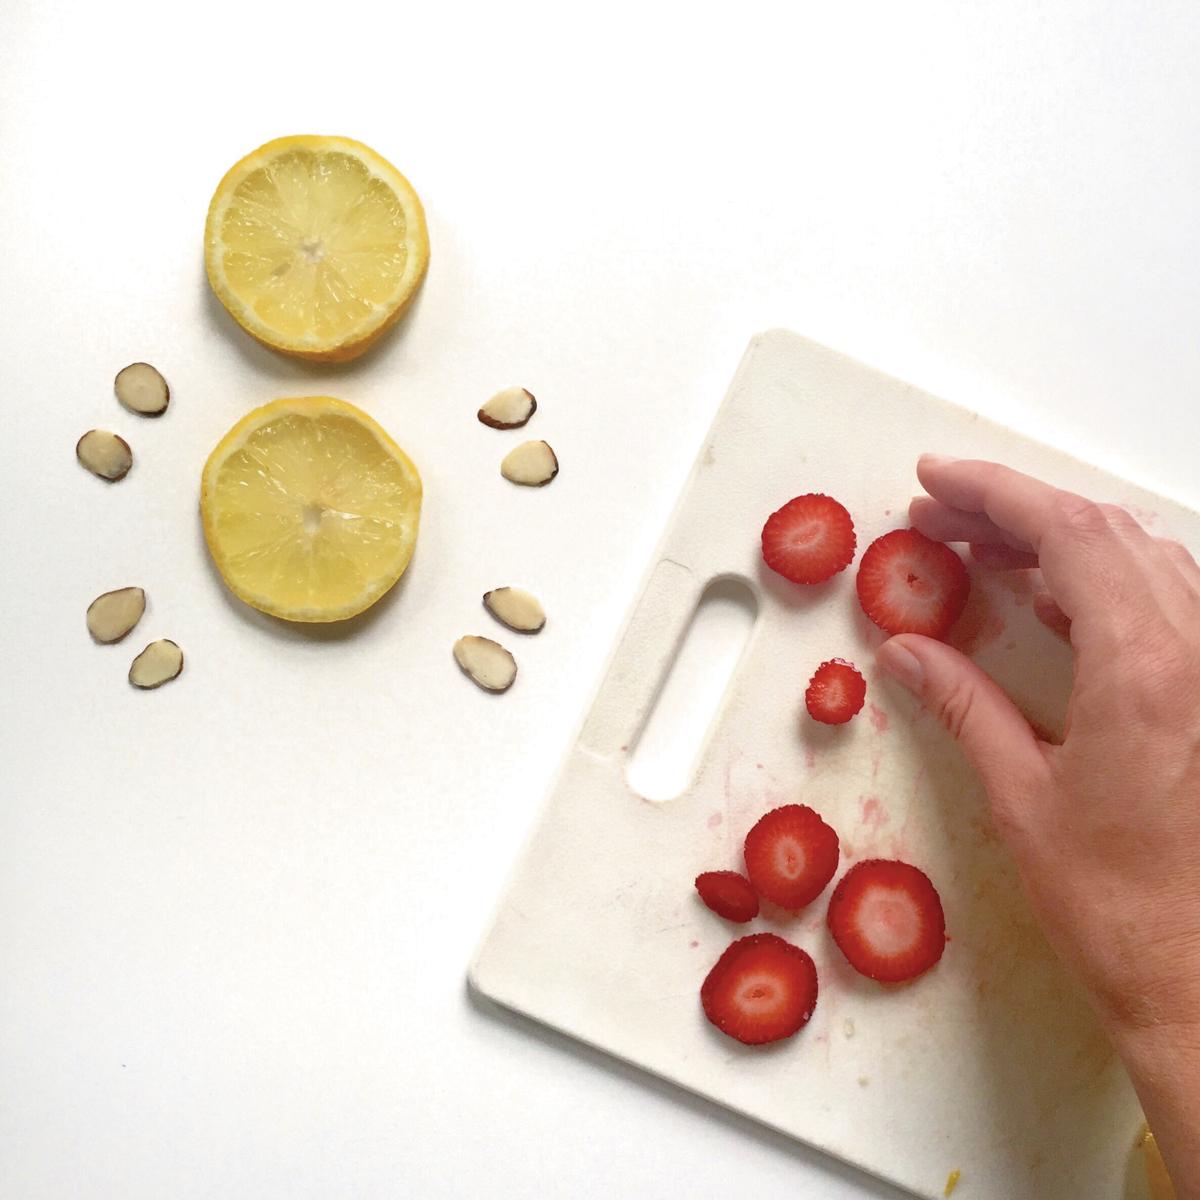 foodie-step-3